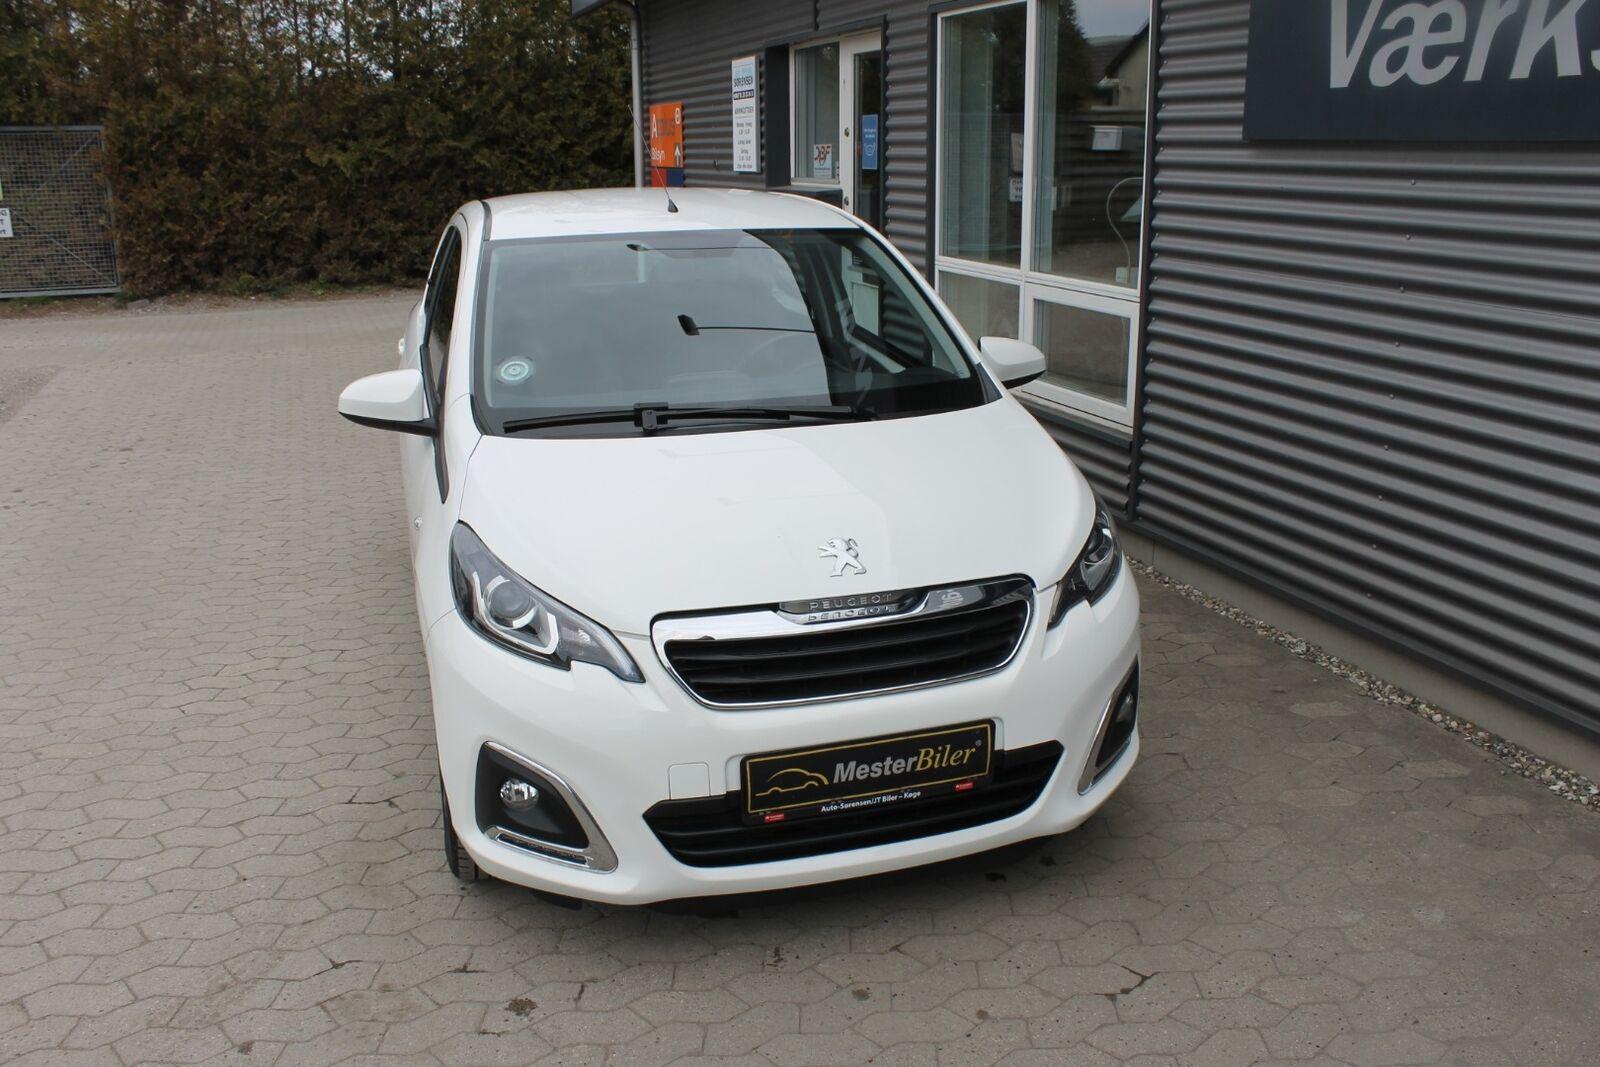 Peugeot 108 1,0 e-VTi 69 More+ 5d - 59.800 kr.